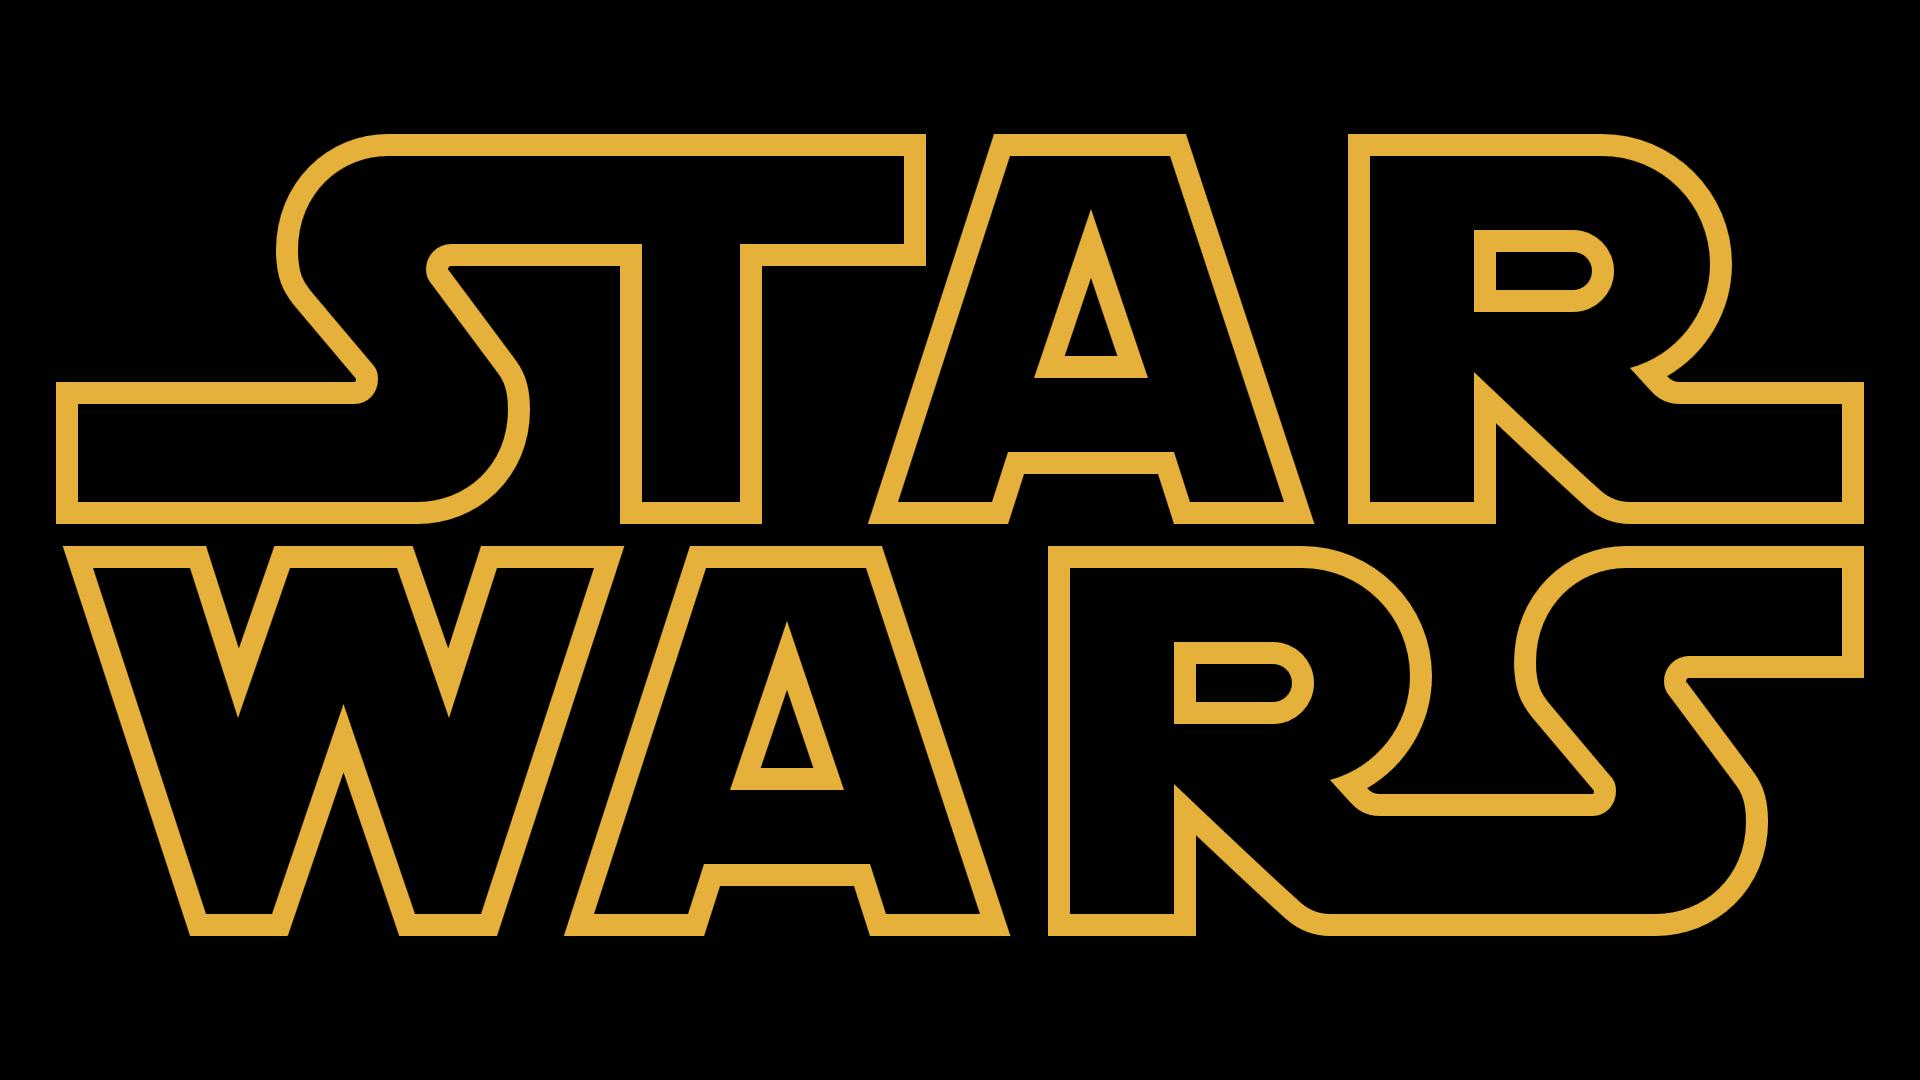 Star Wars Logo - Harrison Ford Star Wars Episode 7 injury